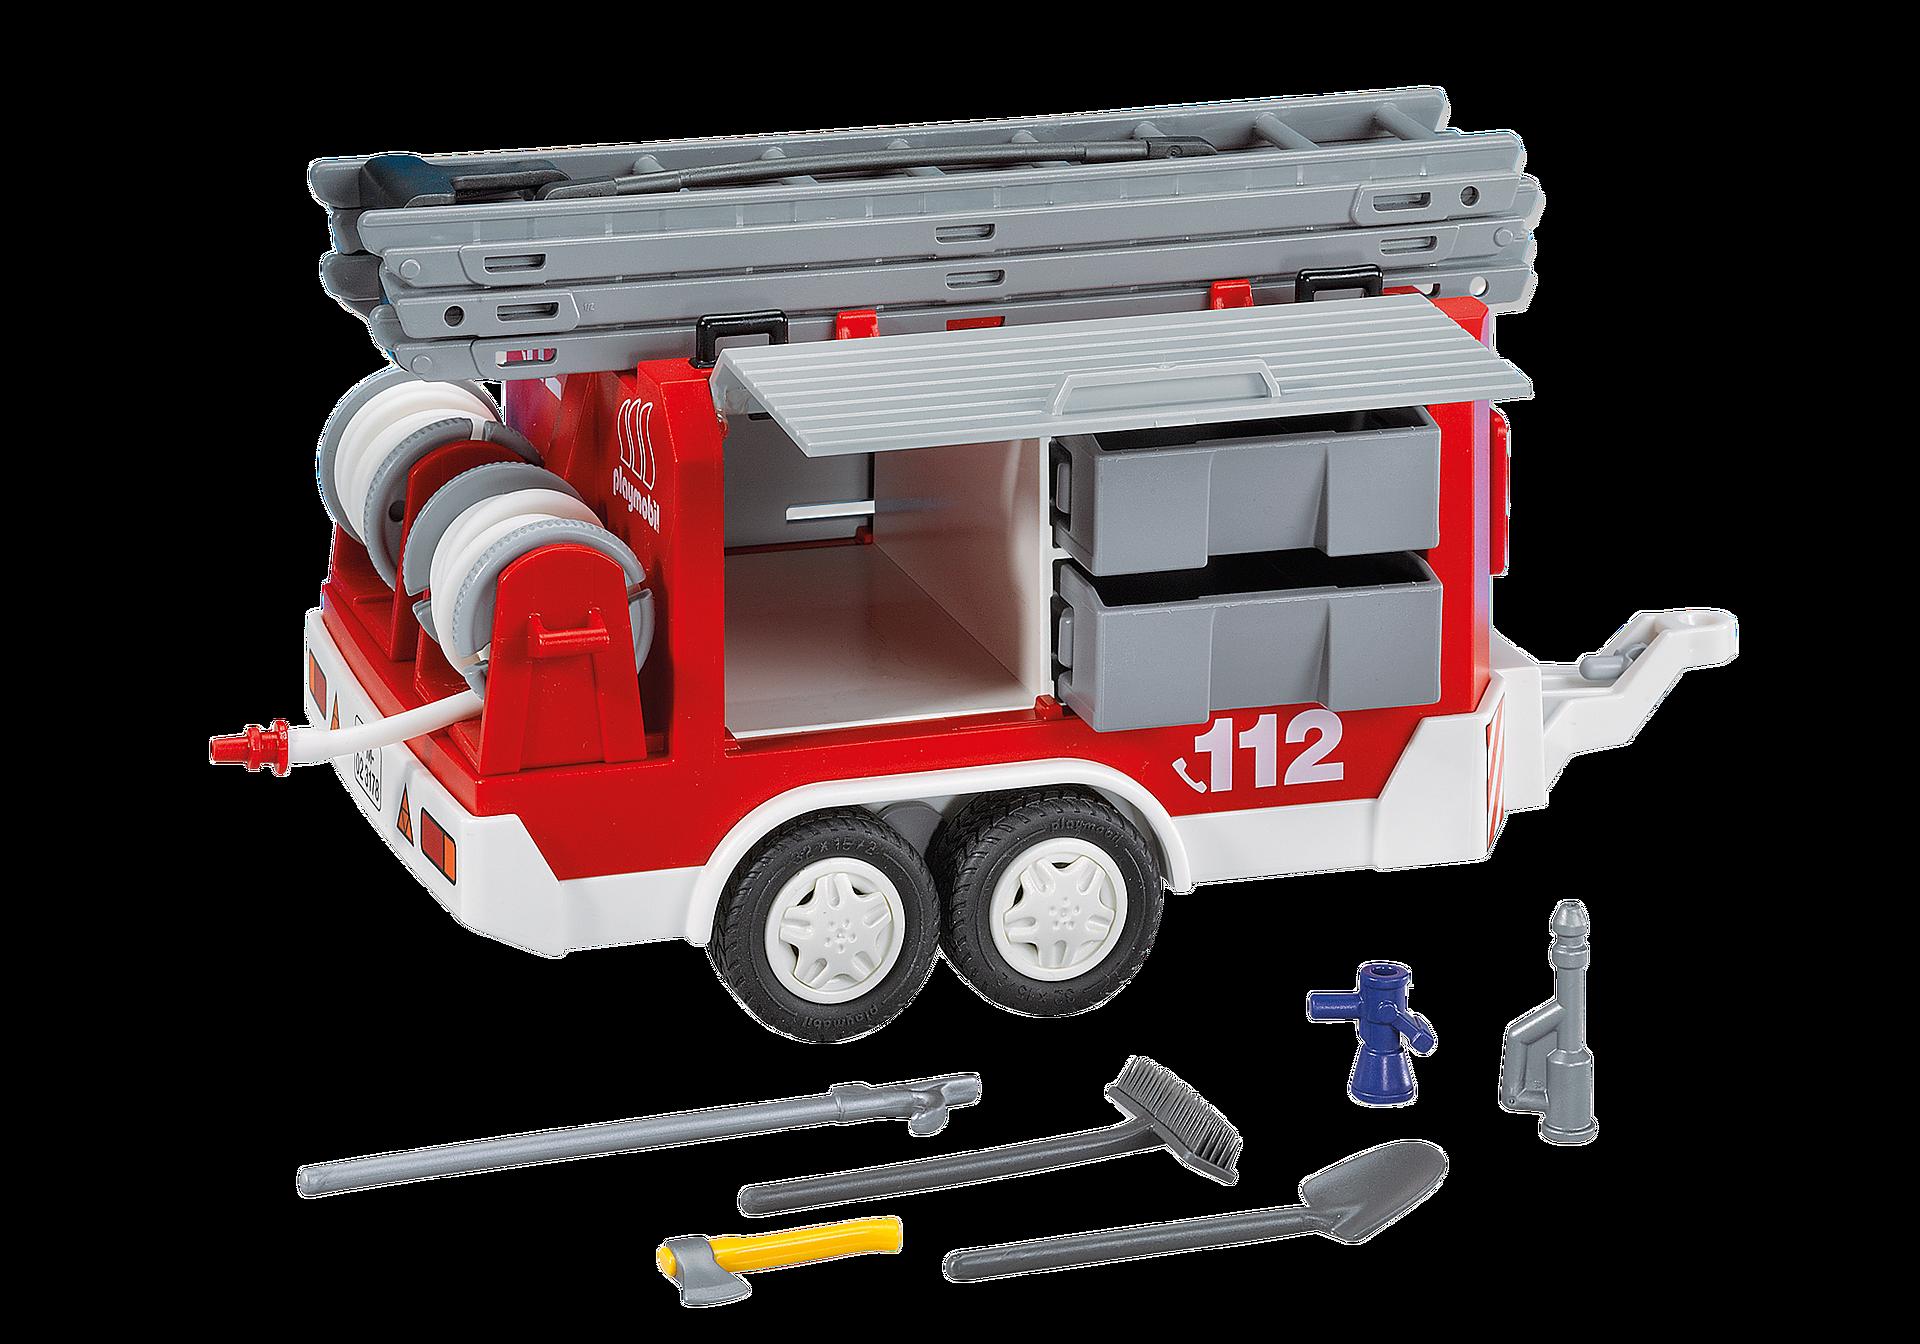 7485 Vagn till brandbil zoom image1